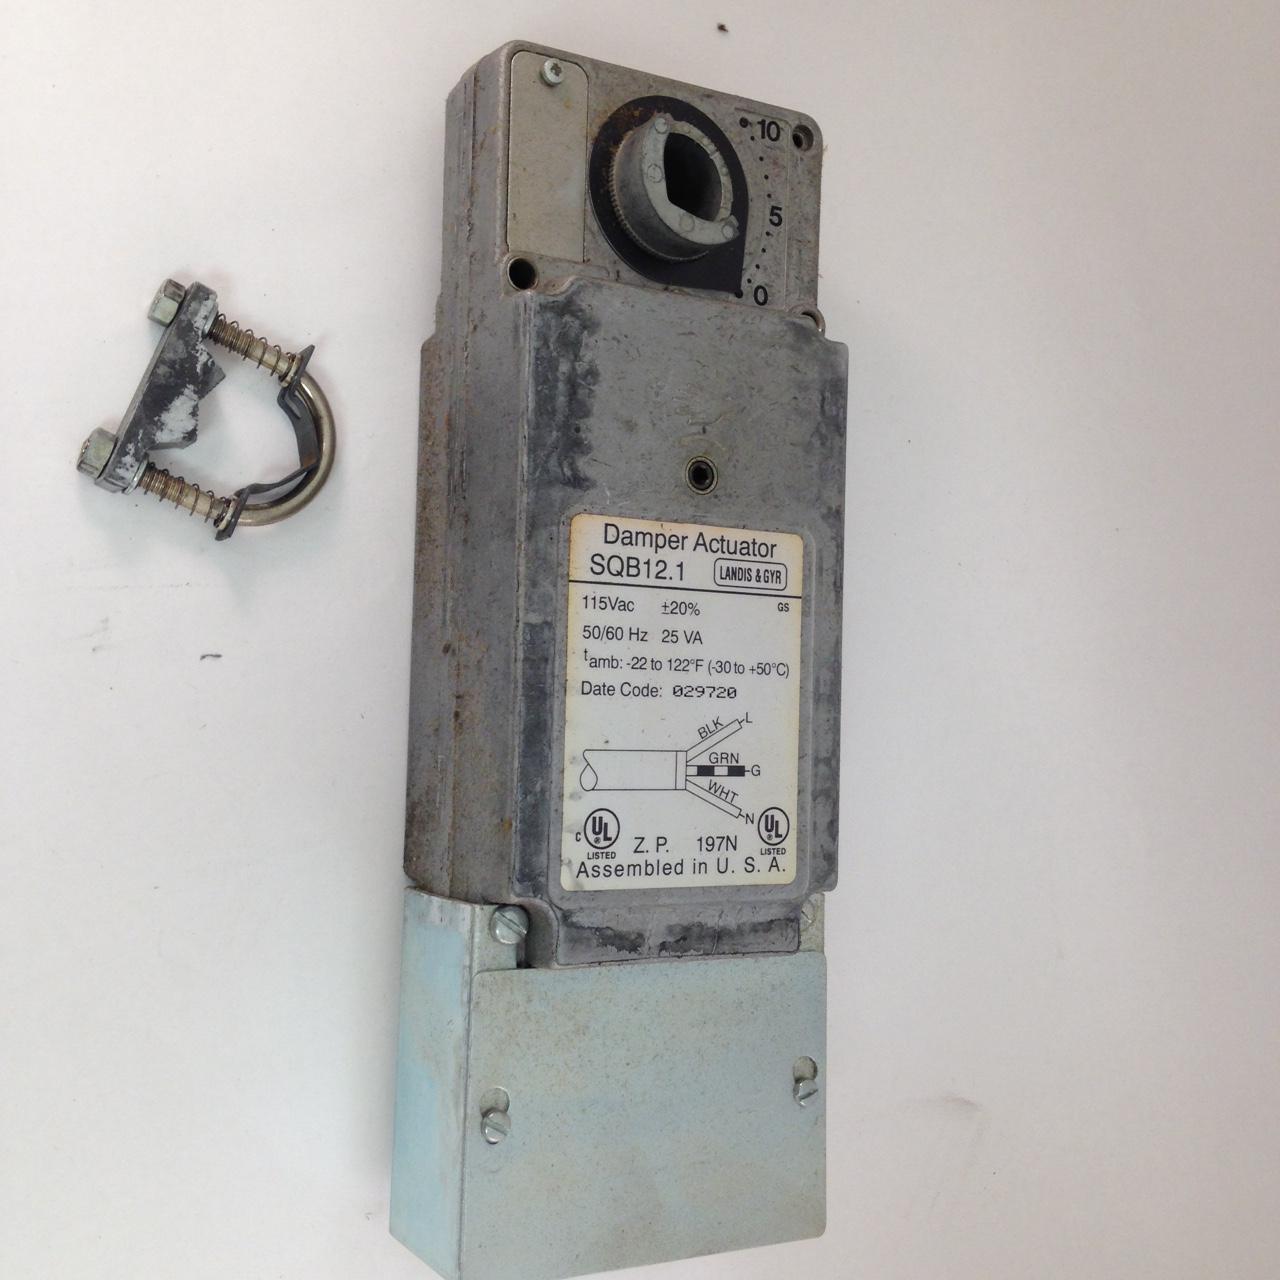 Siemens Damper Actuator